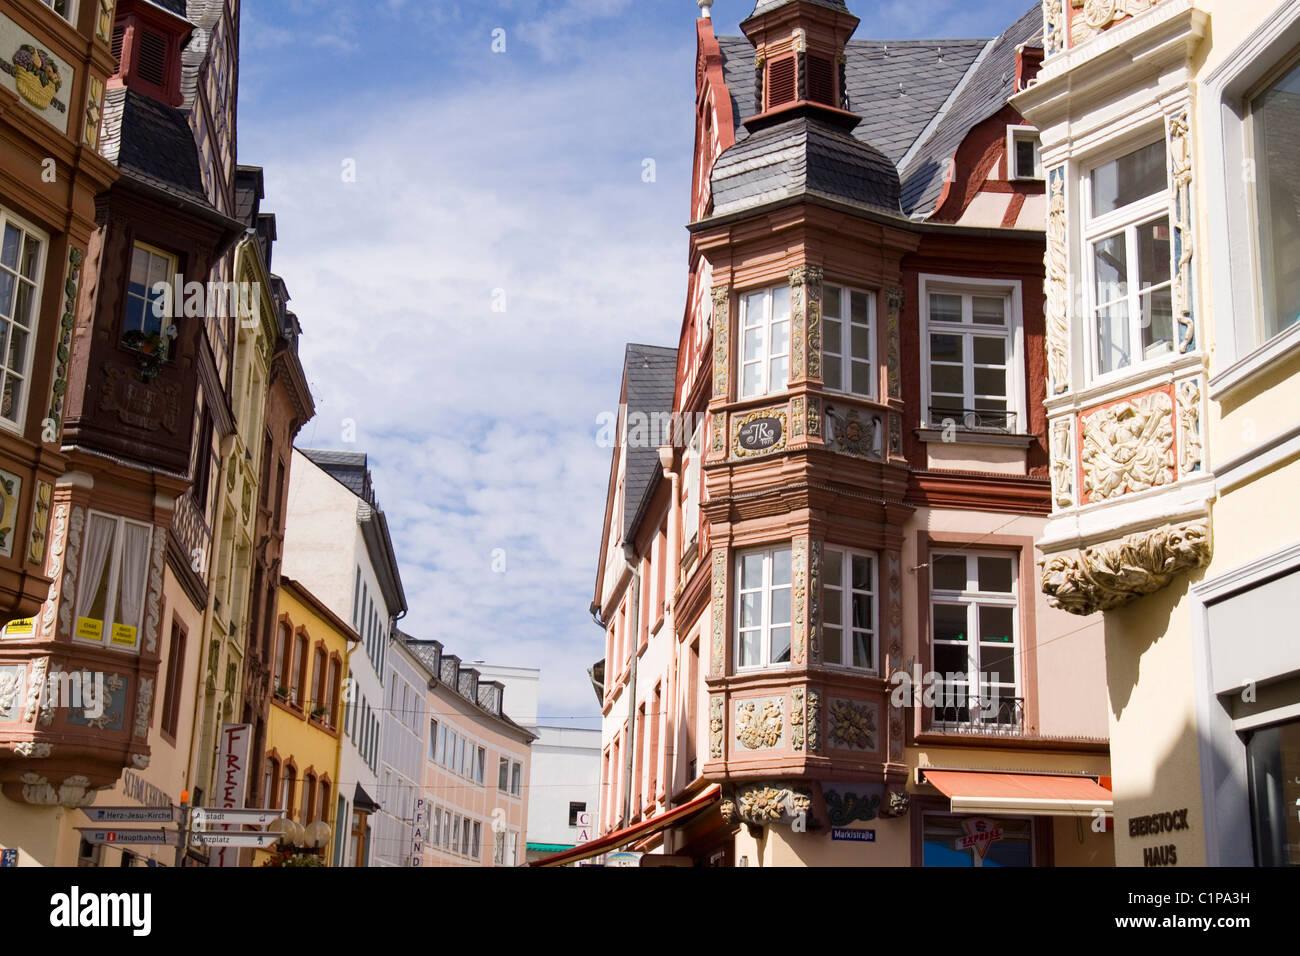 Alemania, Koblenz, fachadas Imagen De Stock